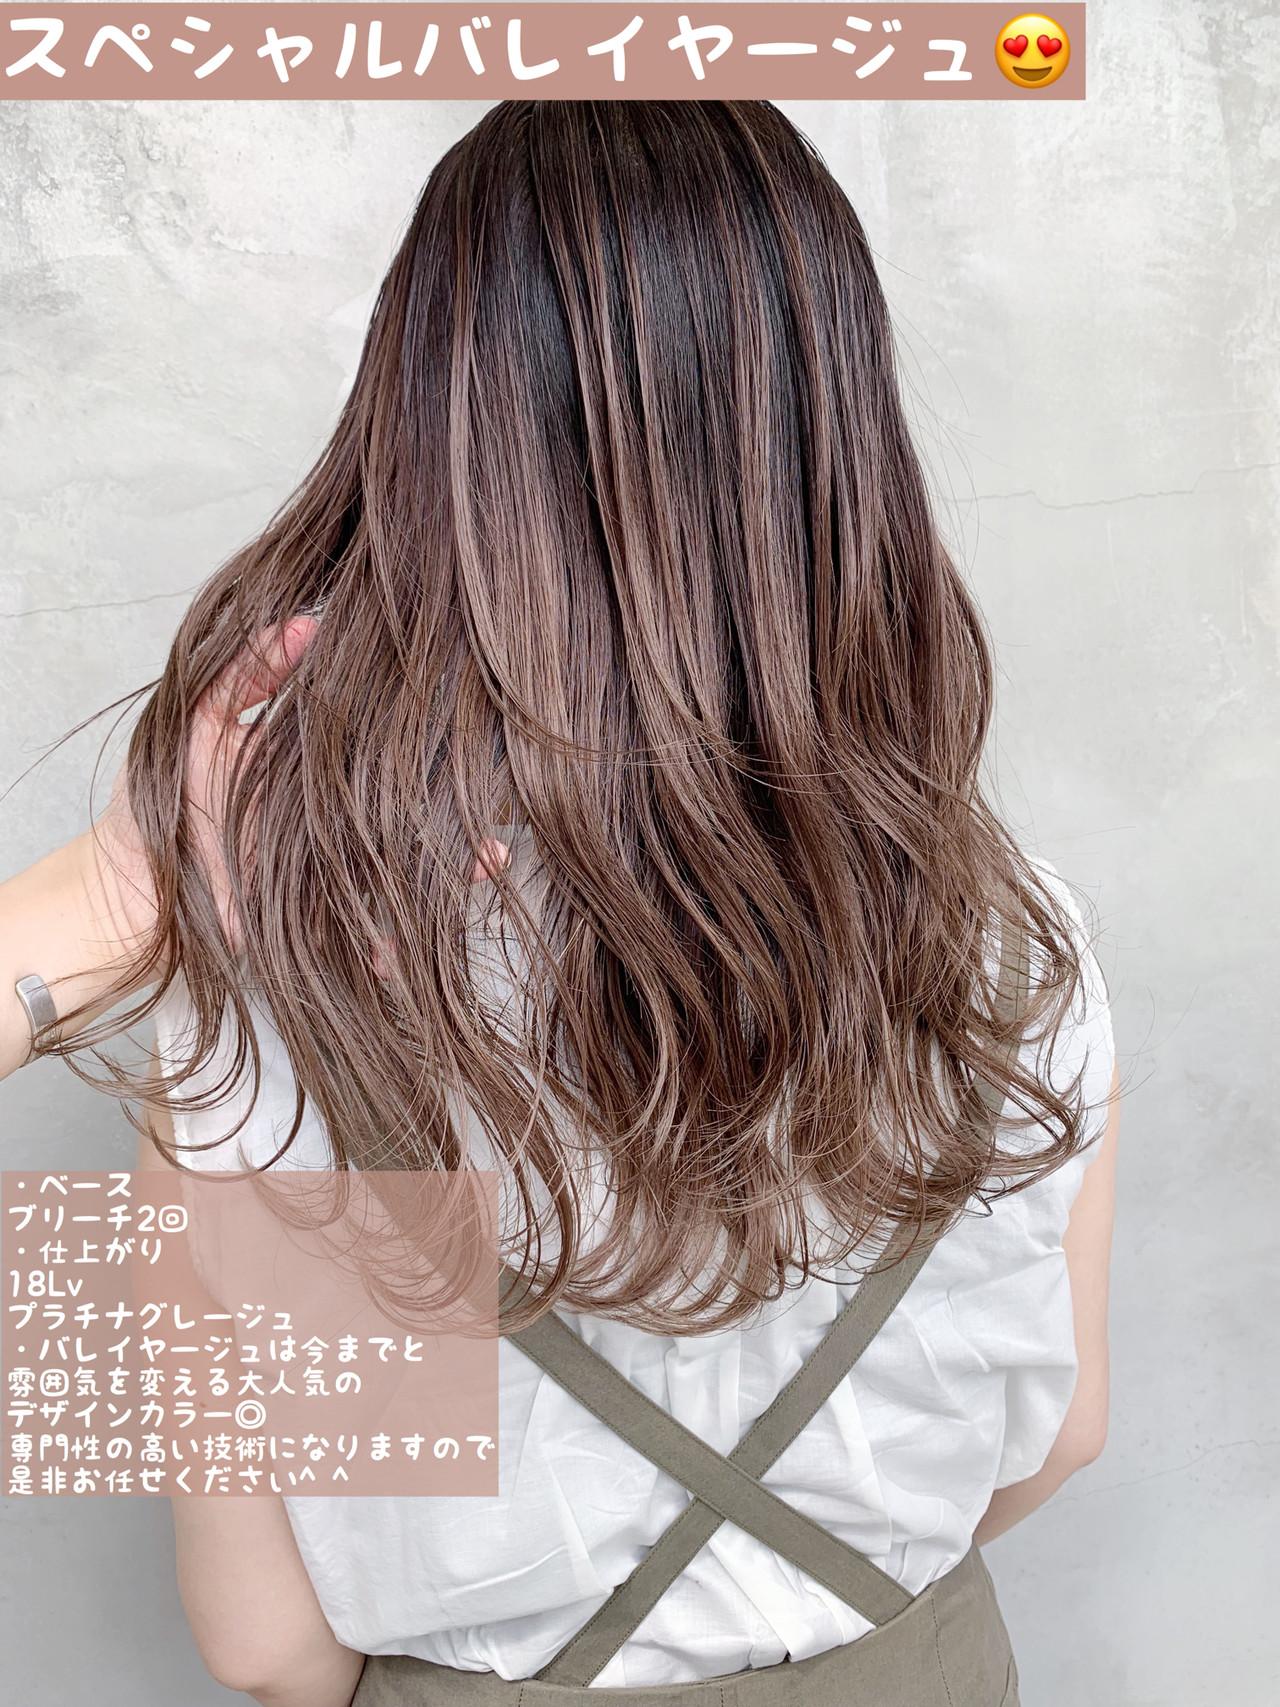 バレイヤージュ ナチュラル ブリーチカラー グレージュ ヘアスタイルや髪型の写真・画像